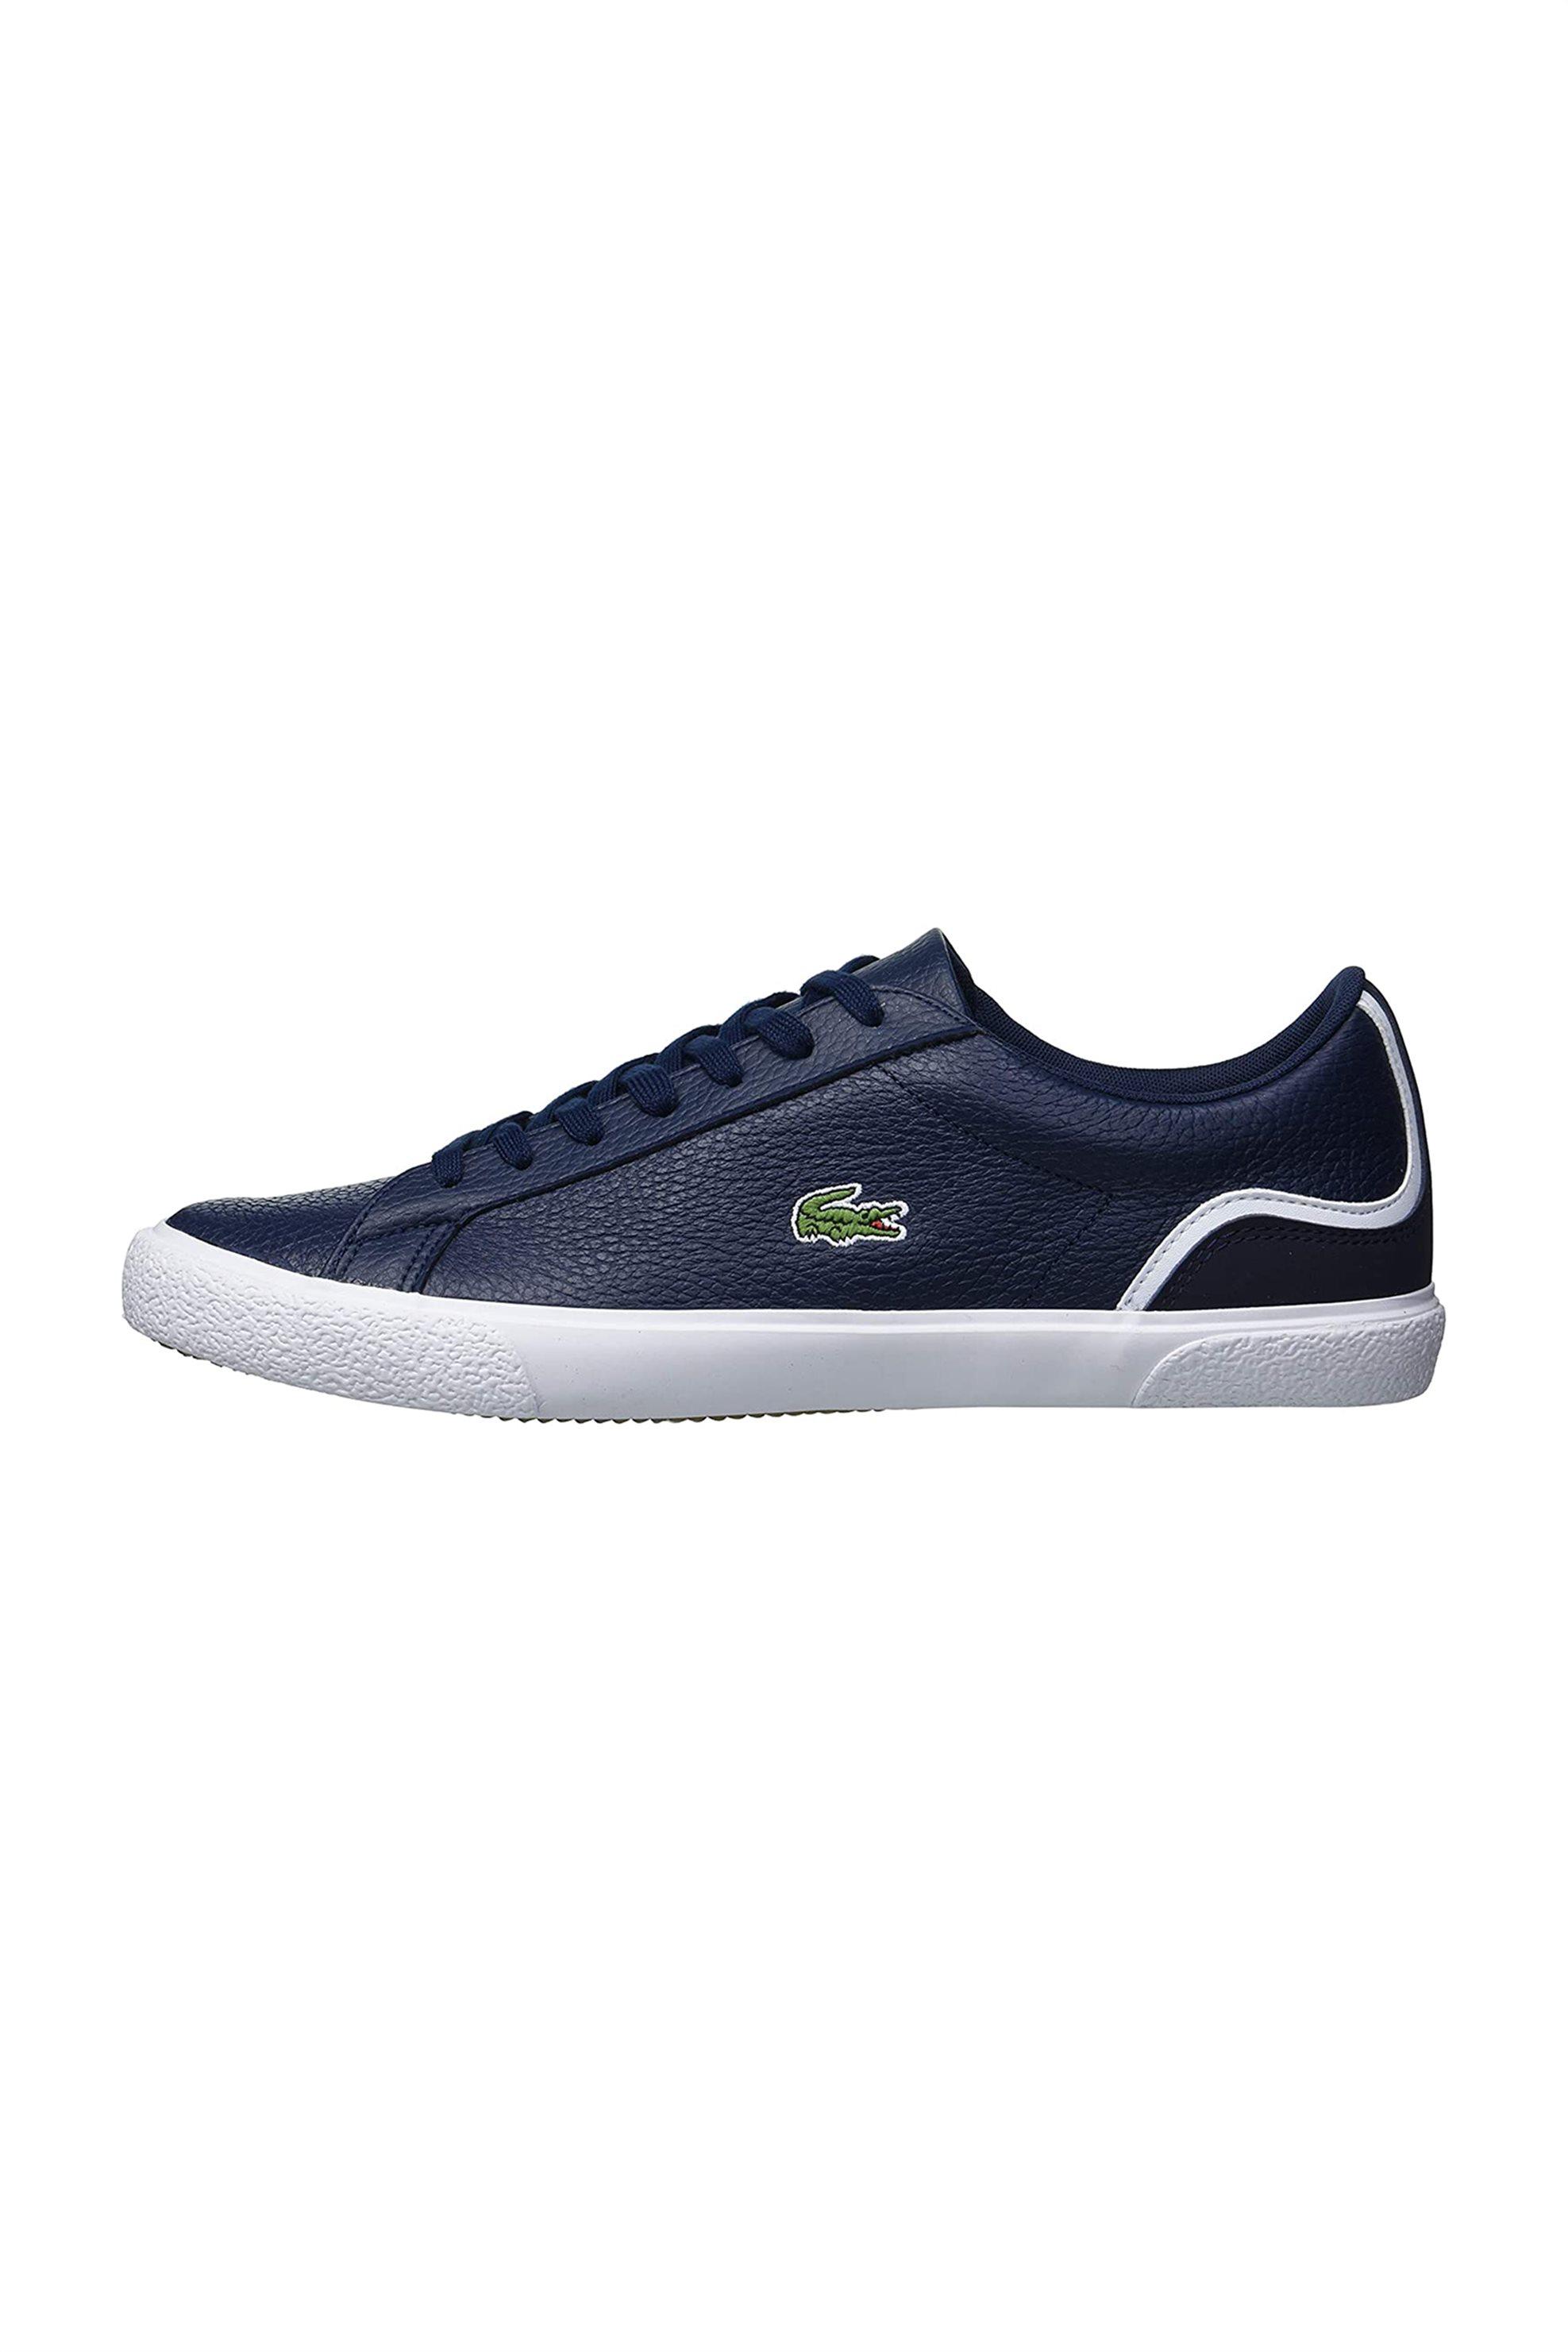 """Lacoste ανδρικά sneakers """"Lerond 220"""" – 39CMA0070092 – Μπλε Σκούρο"""